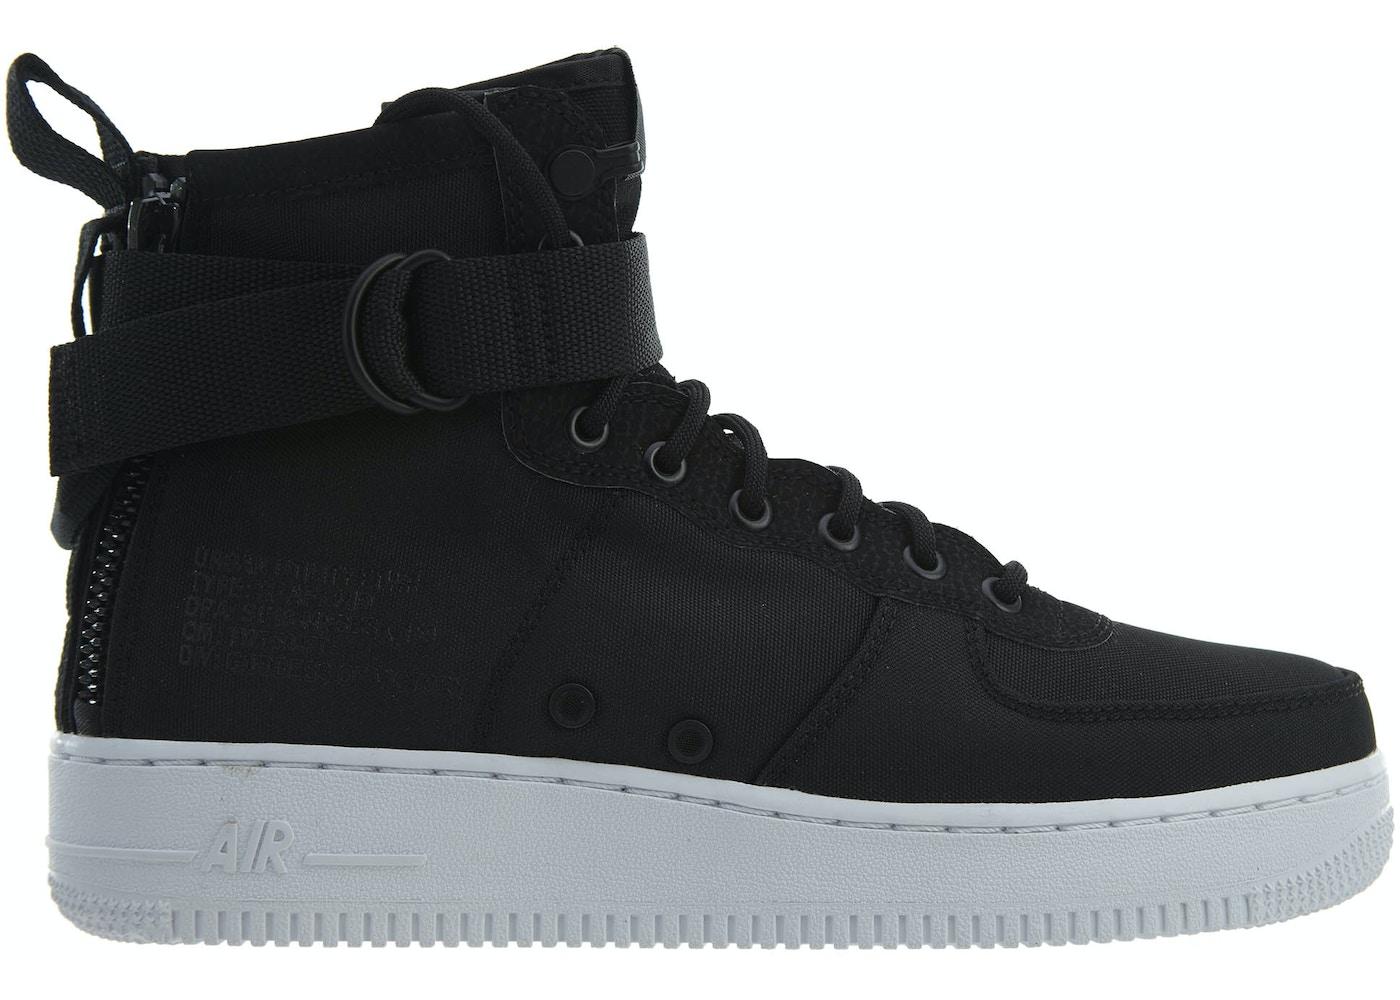 huge selection of 9910d 93809 Nike Sf Af1 Mid Black Anthracite-White